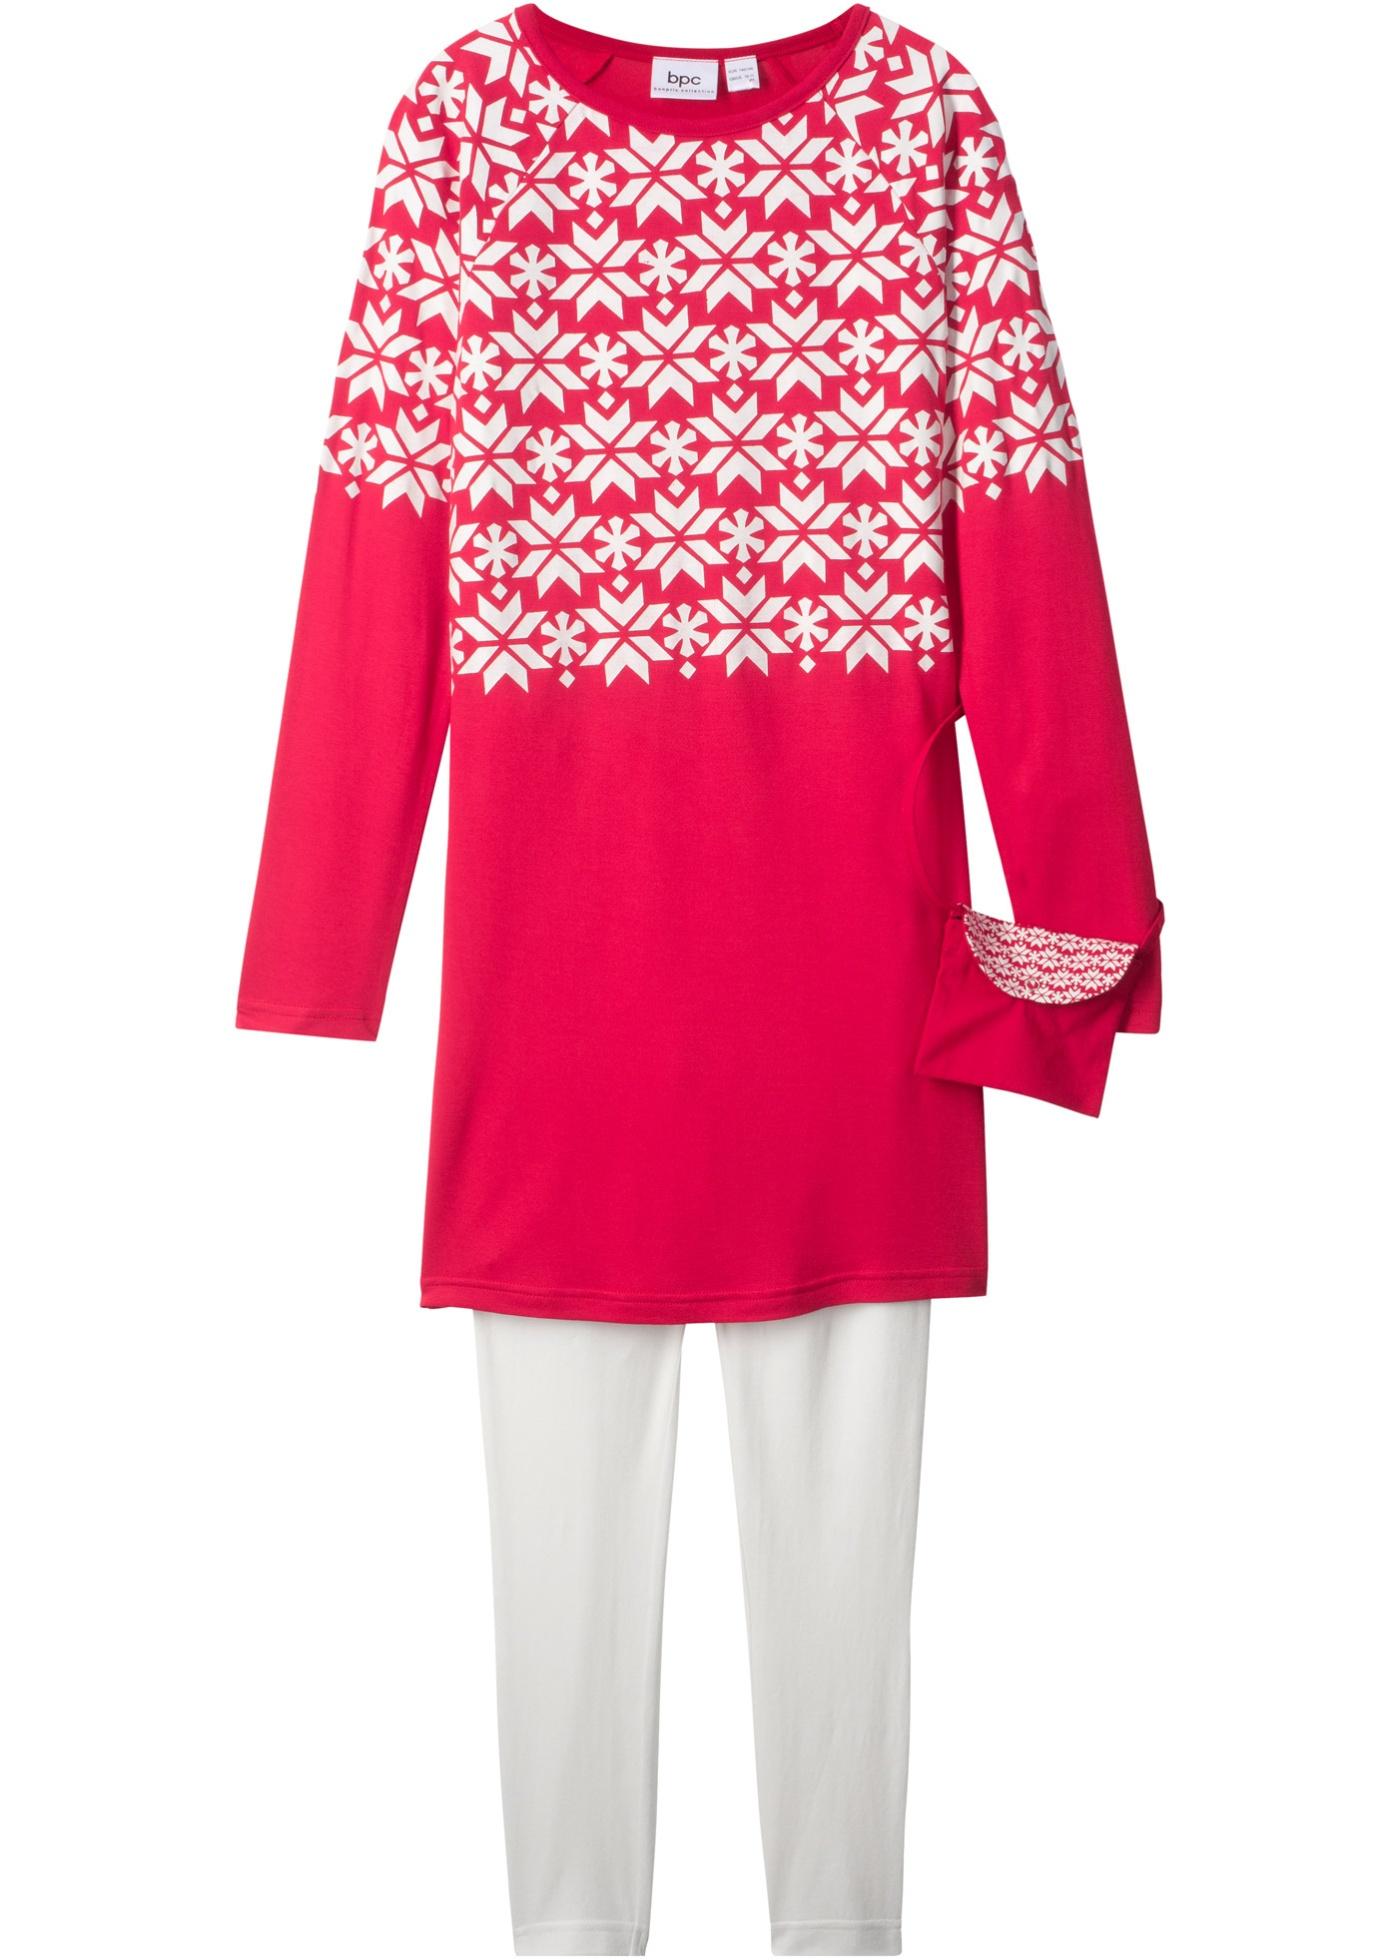 Abito a manica lunga + leggings + borsetta a tracolla (set 3 pezzi) (Rosso) - bpc bonprix collection